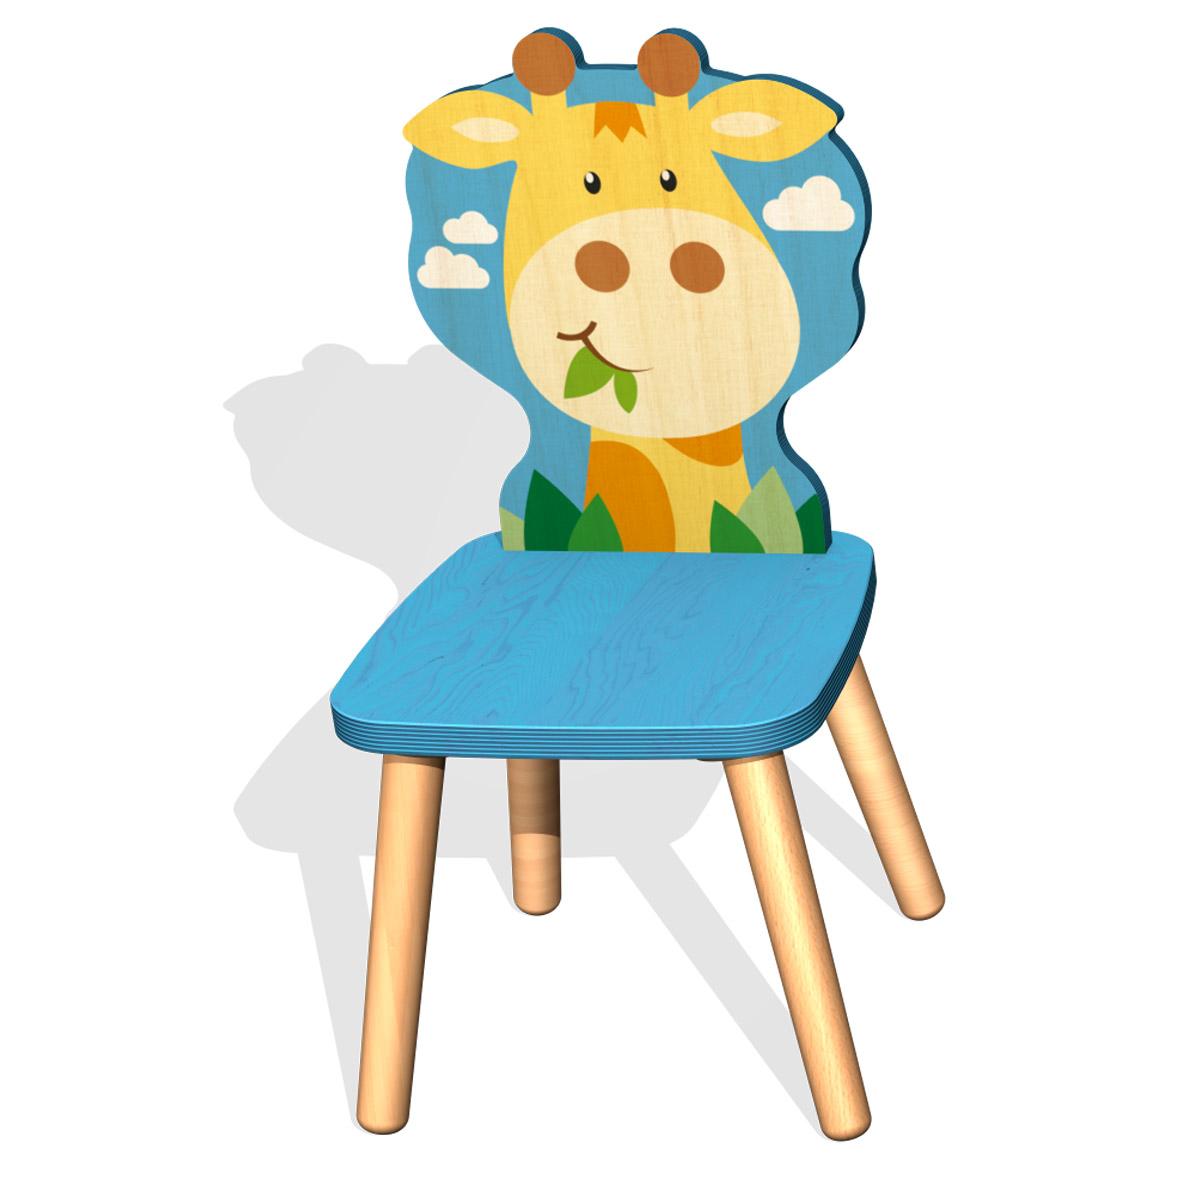 Kinderstuhl Giraffe von Weizenkorn